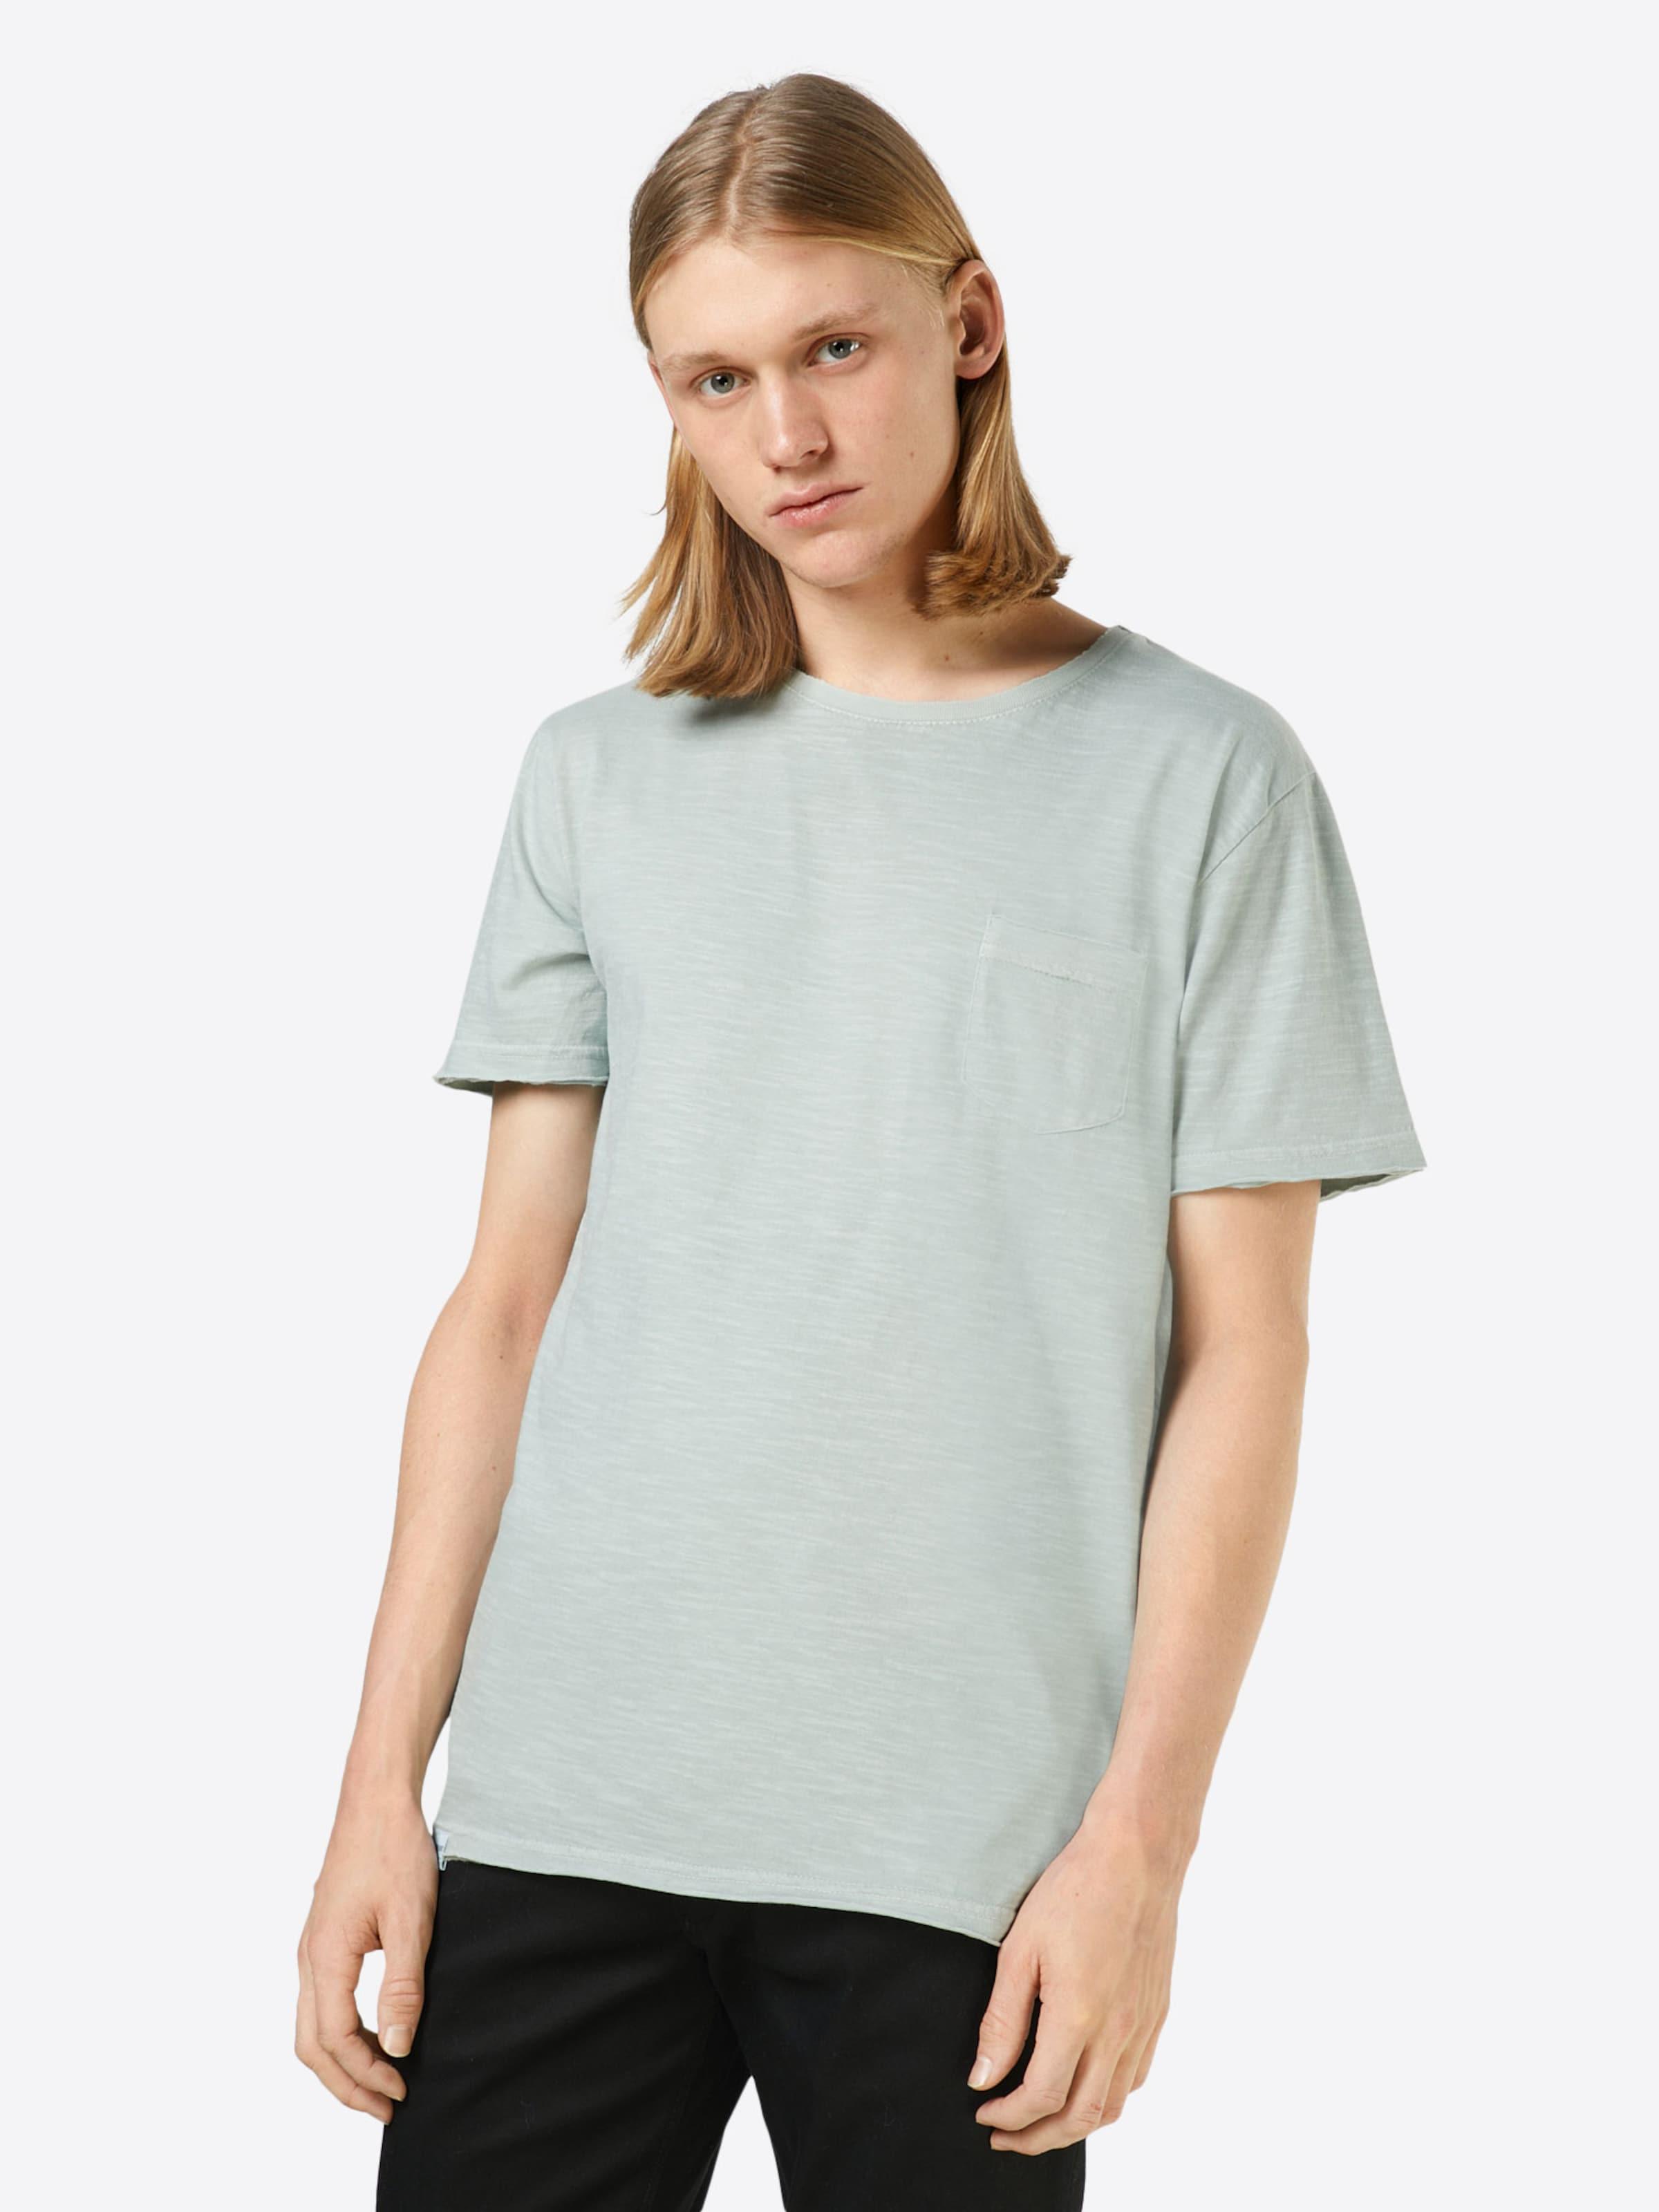 Billig Verkaufen Bilder Günstig Kaufen Neueste anerkjendt Shirt 'DANTE' Vorbestellung Günstig Preis-Kosten TNe8P